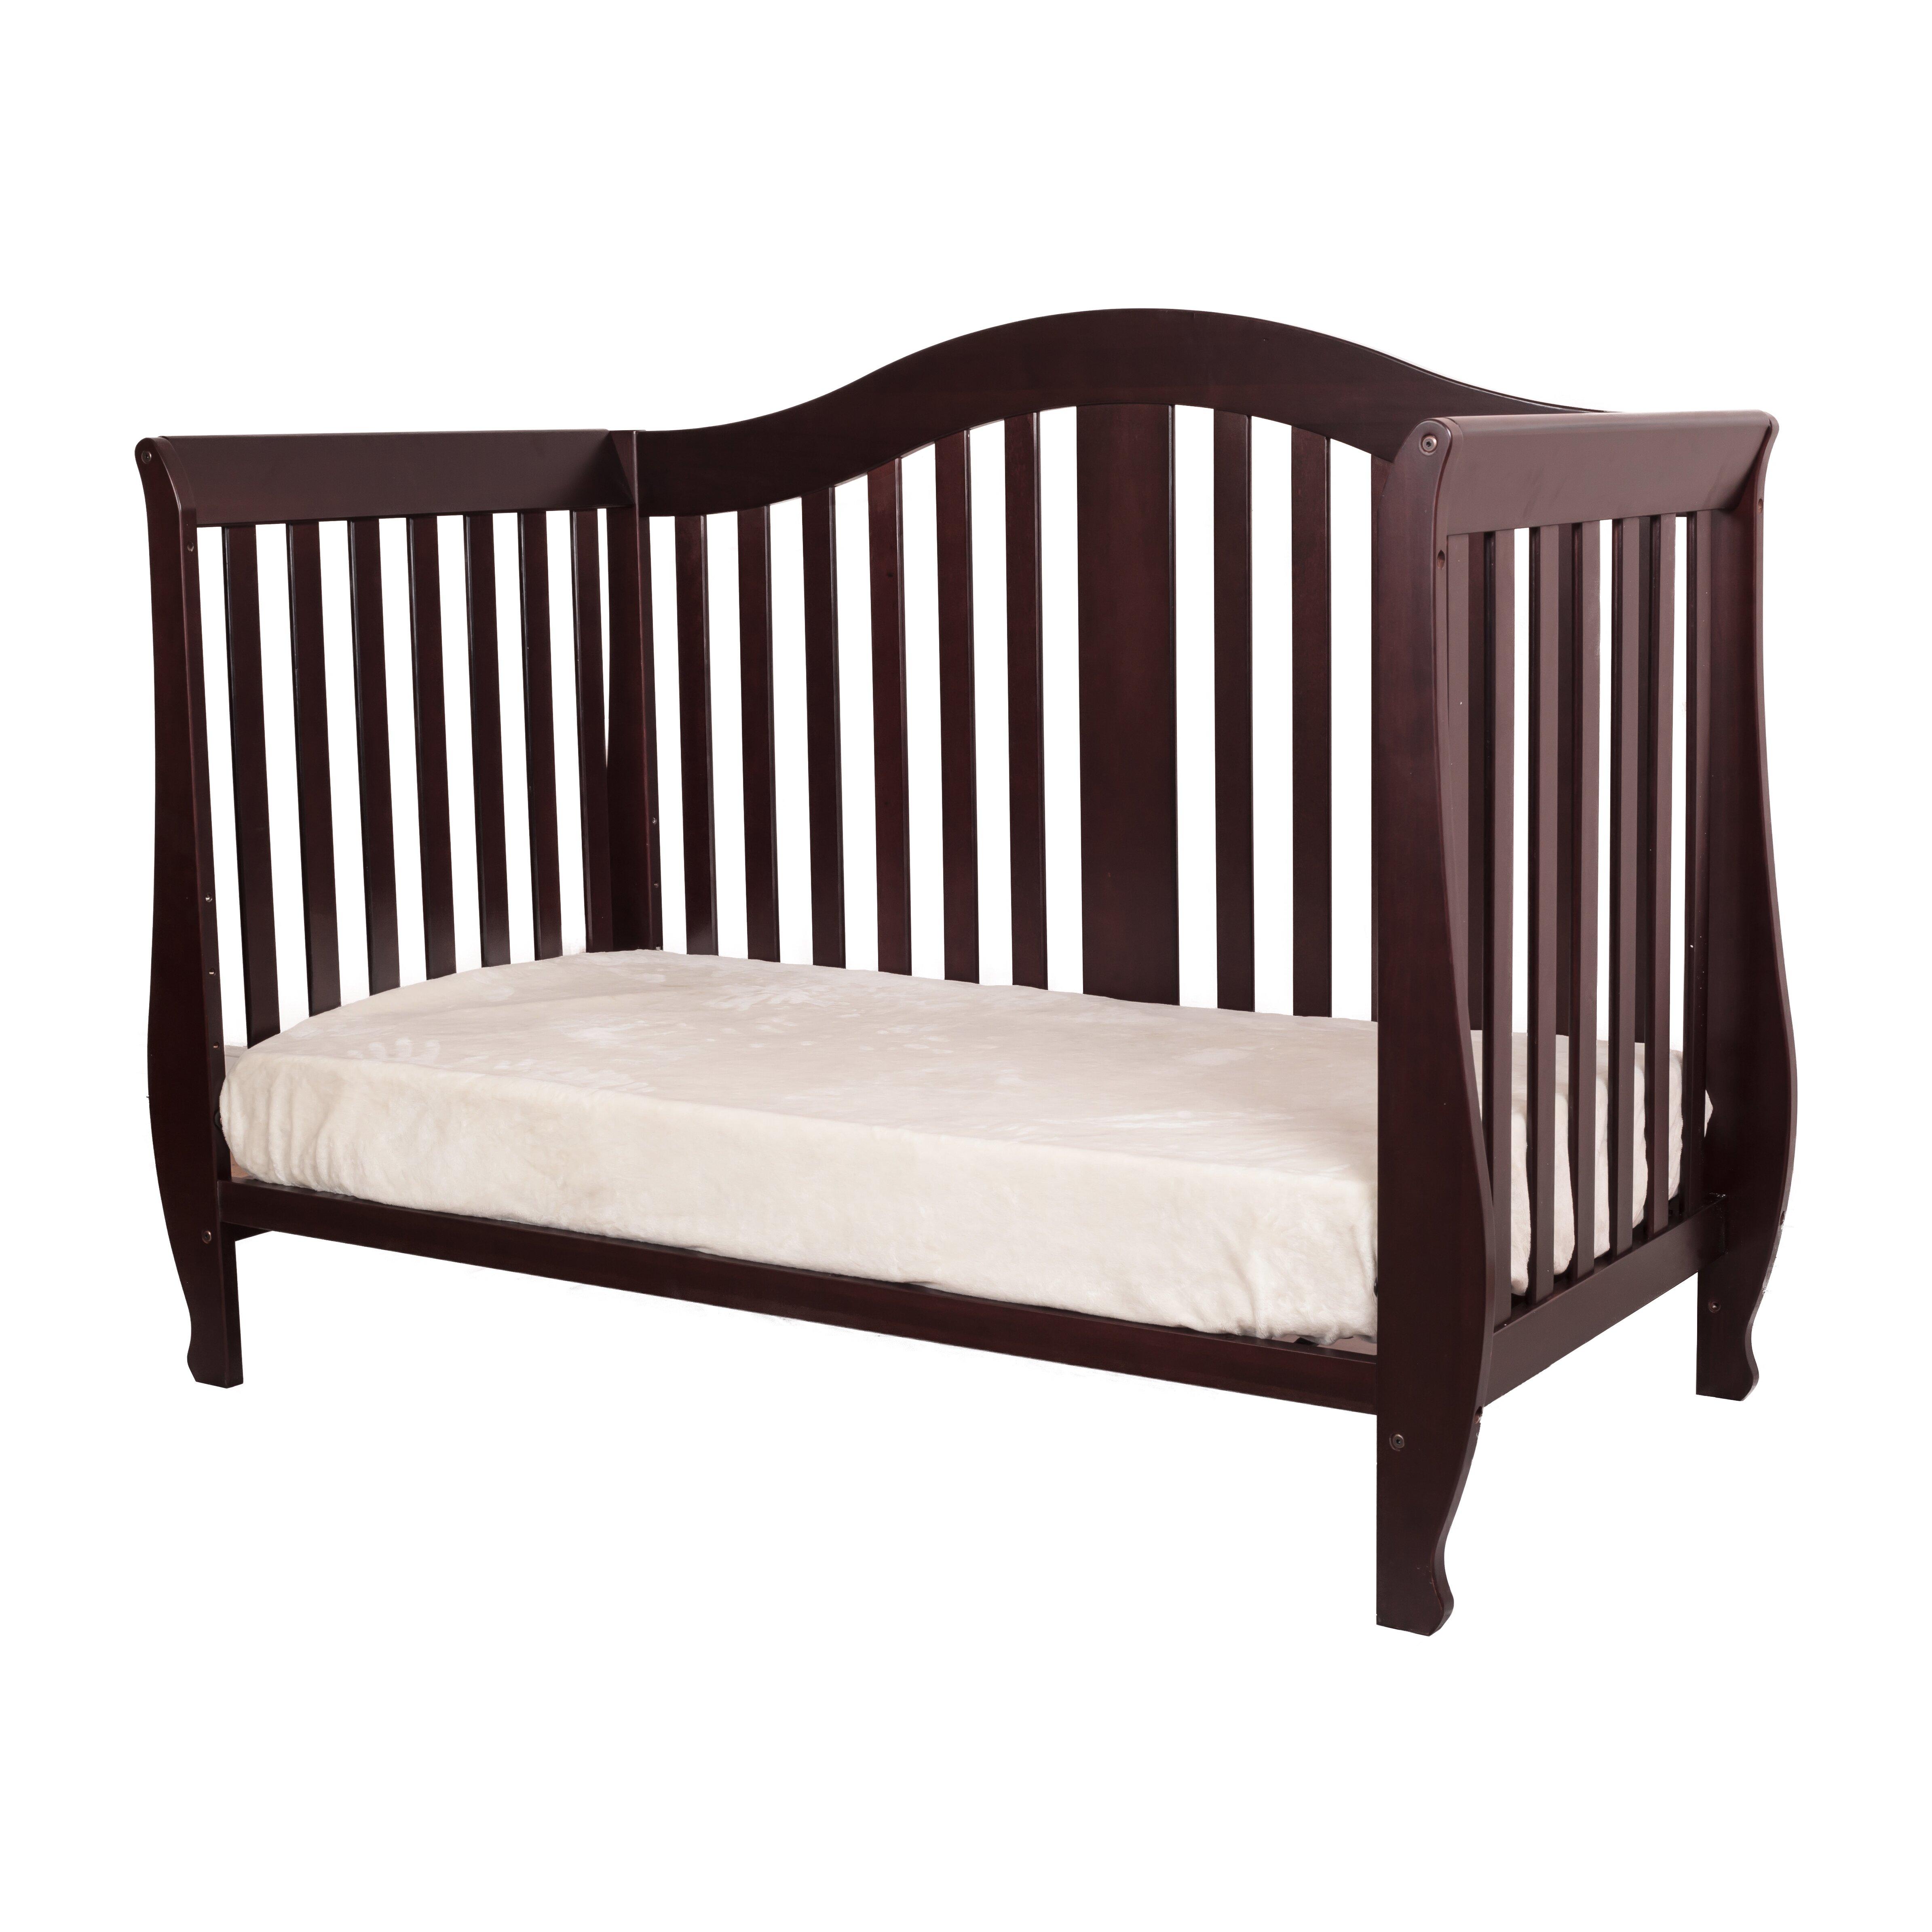 afg international furniture athena desiree leila. Black Bedroom Furniture Sets. Home Design Ideas